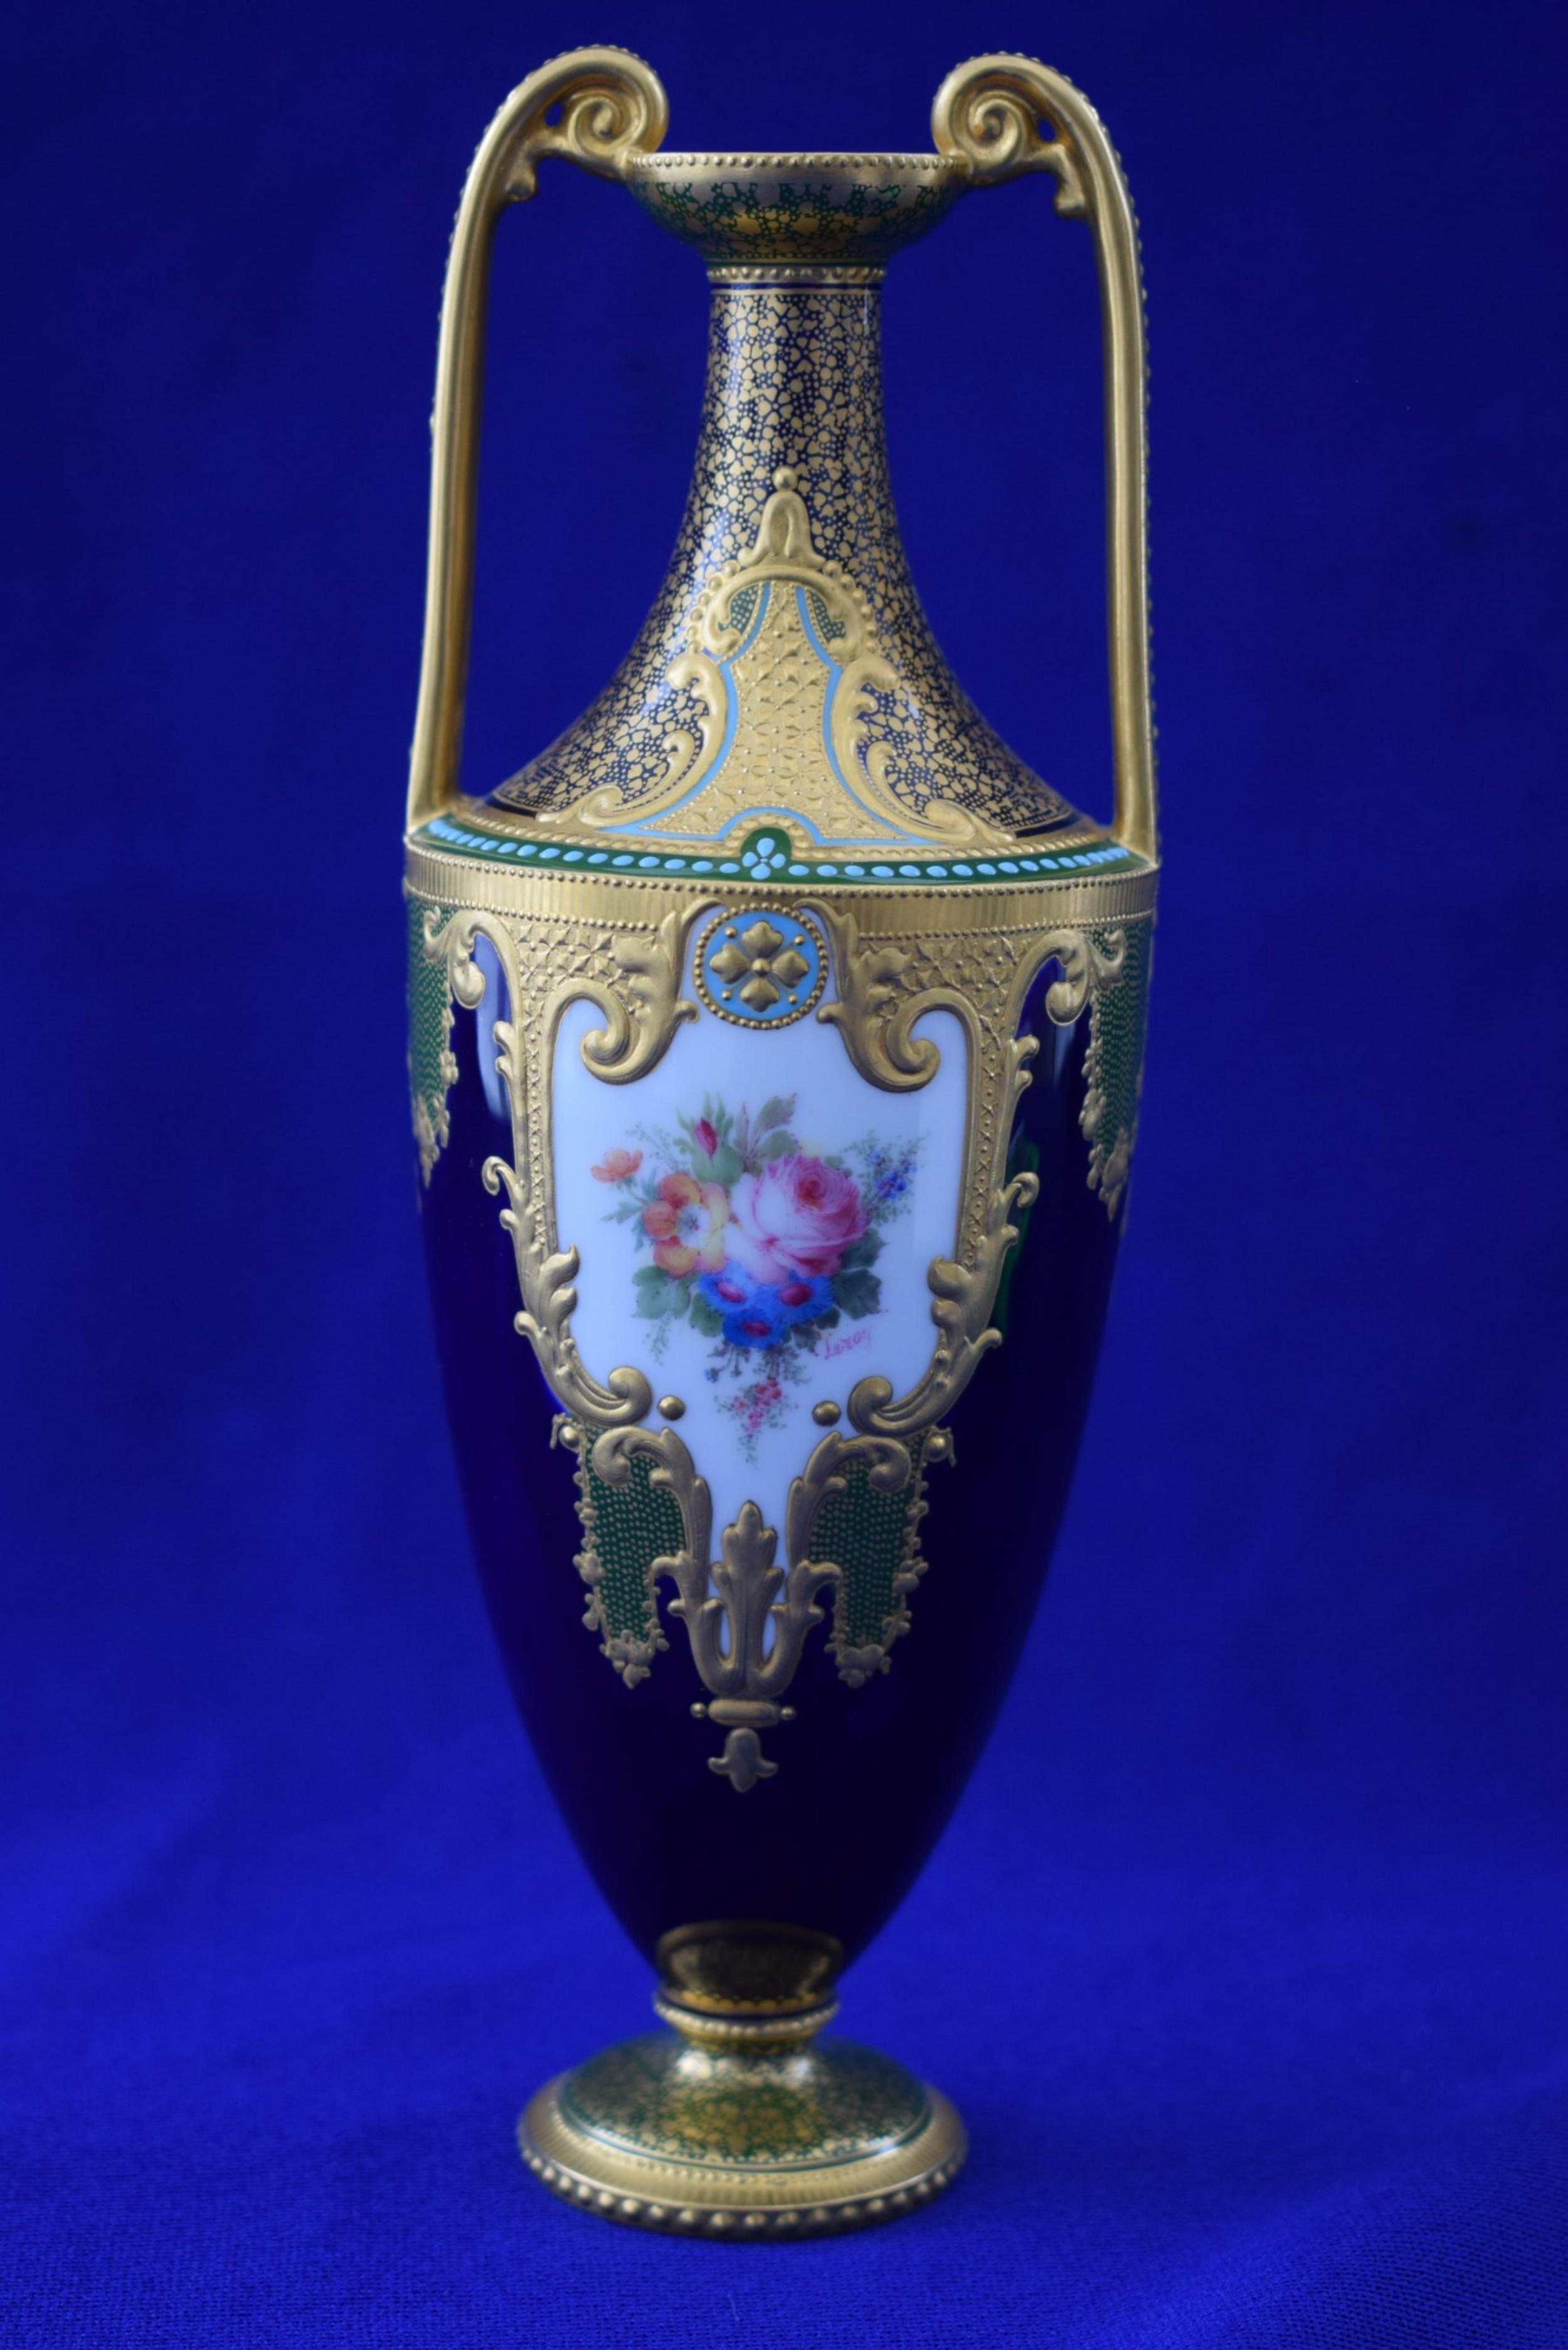 Royal crown derby vase signed leroy 530008 sellingantiques royal crown derby vase signed leroy reviewsmspy